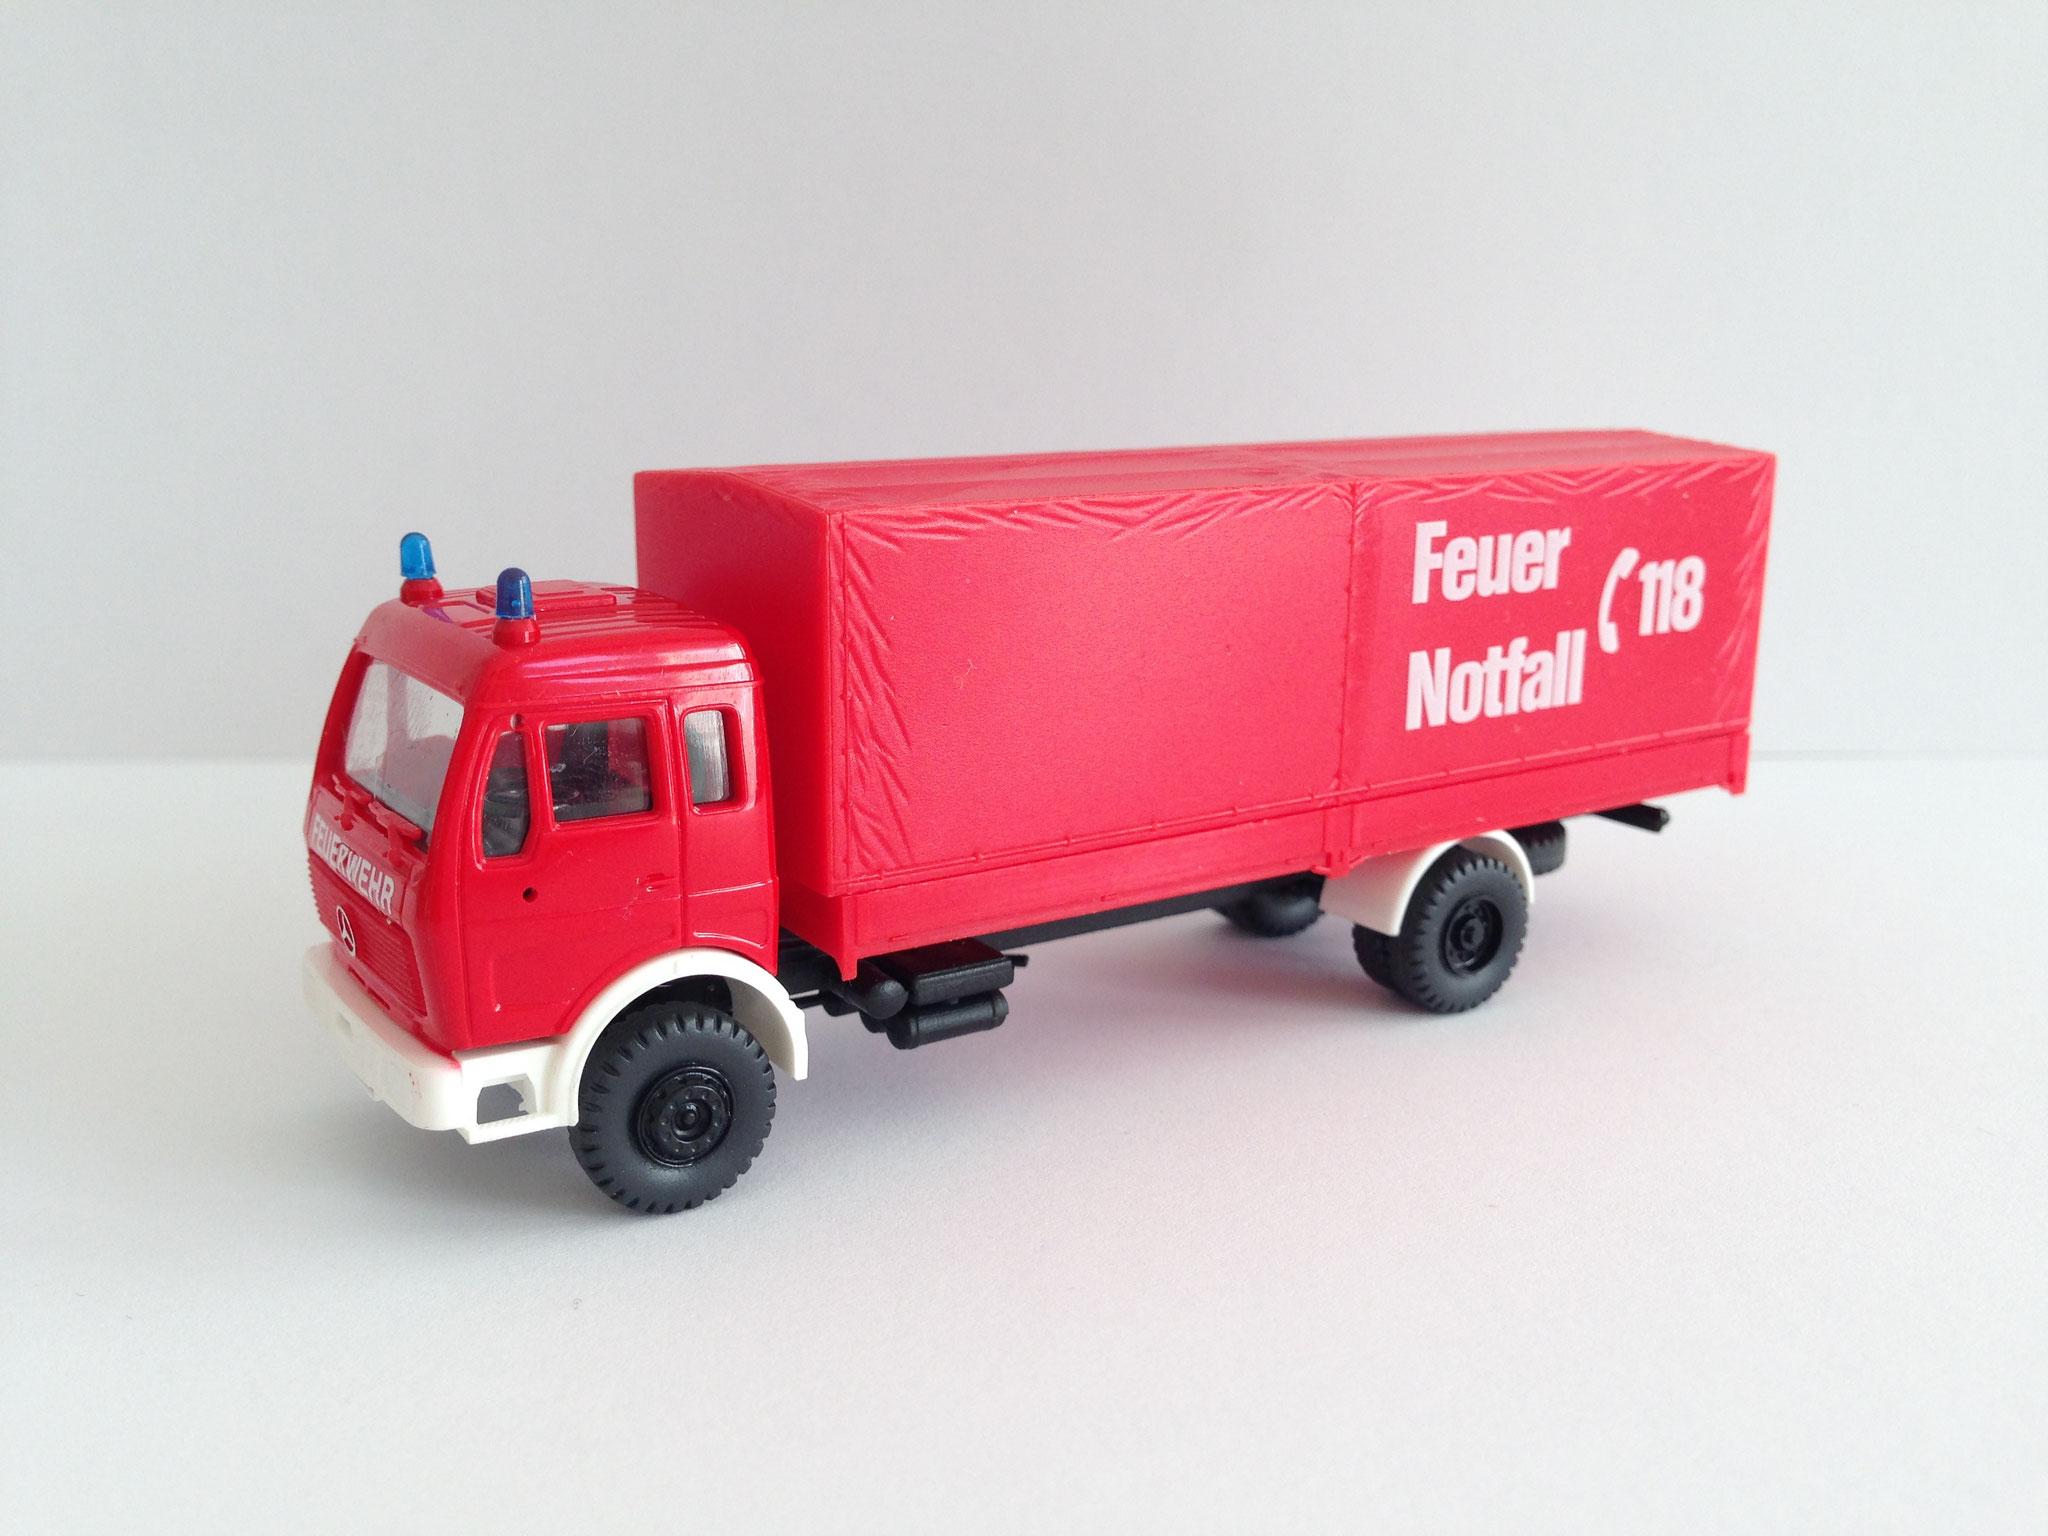 Feuerwehr, 2-Achs-Gerätewagen, Notruf 118, Art. Nr. 516 (S)